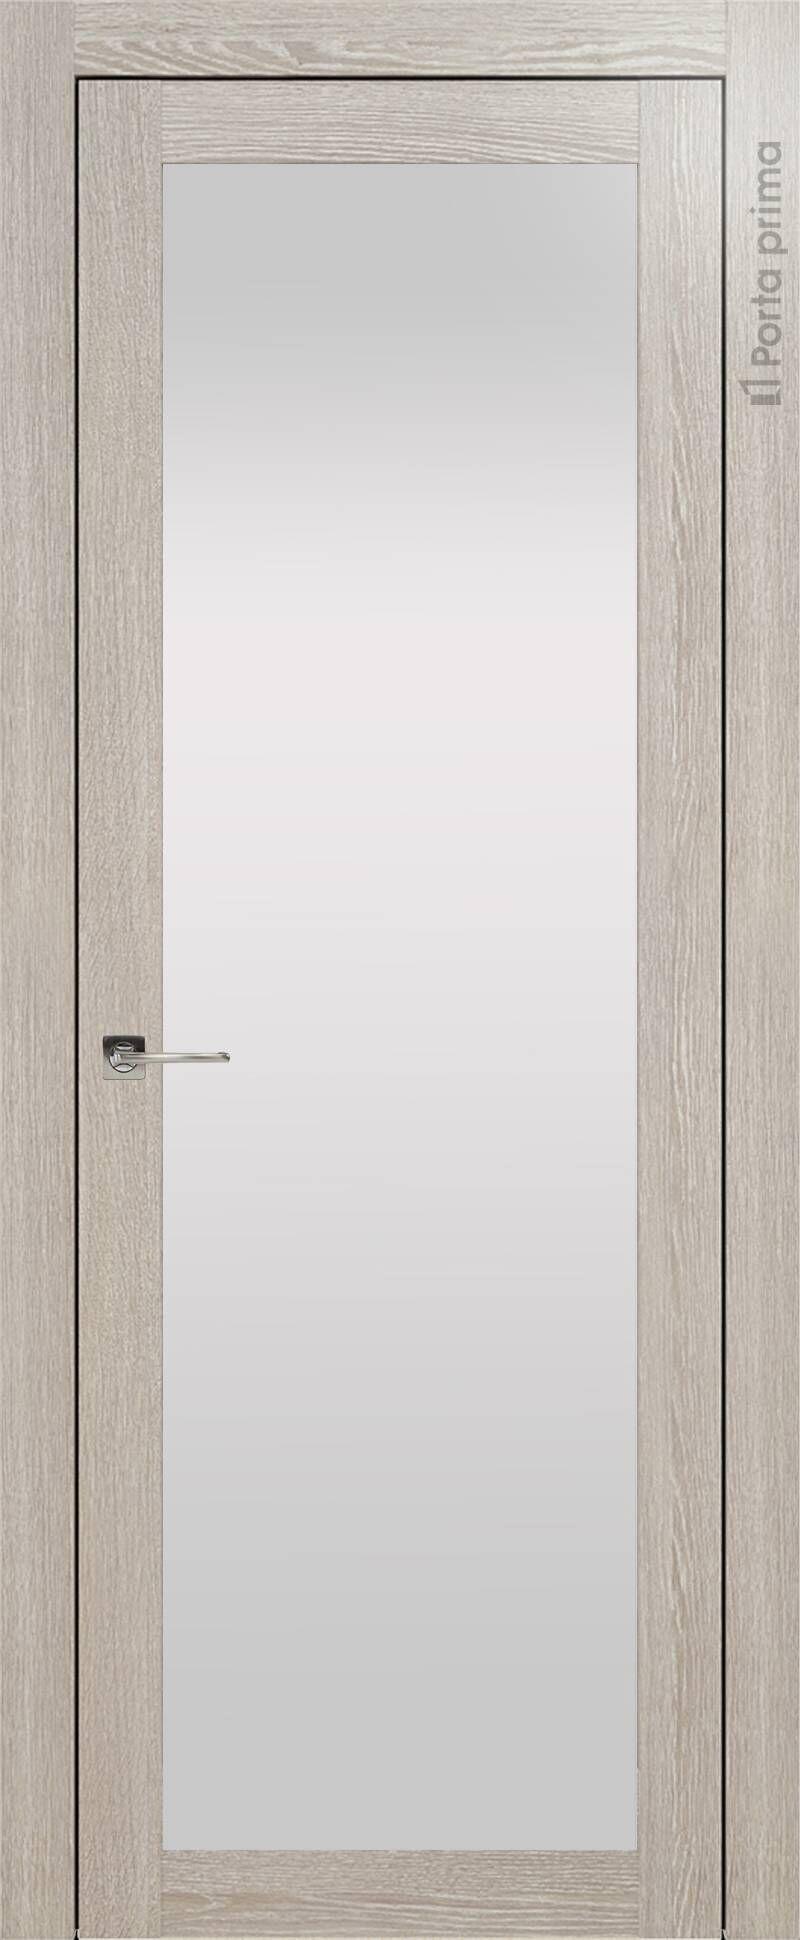 Tivoli З-1 цвет - Серый дуб Со стеклом (ДО)